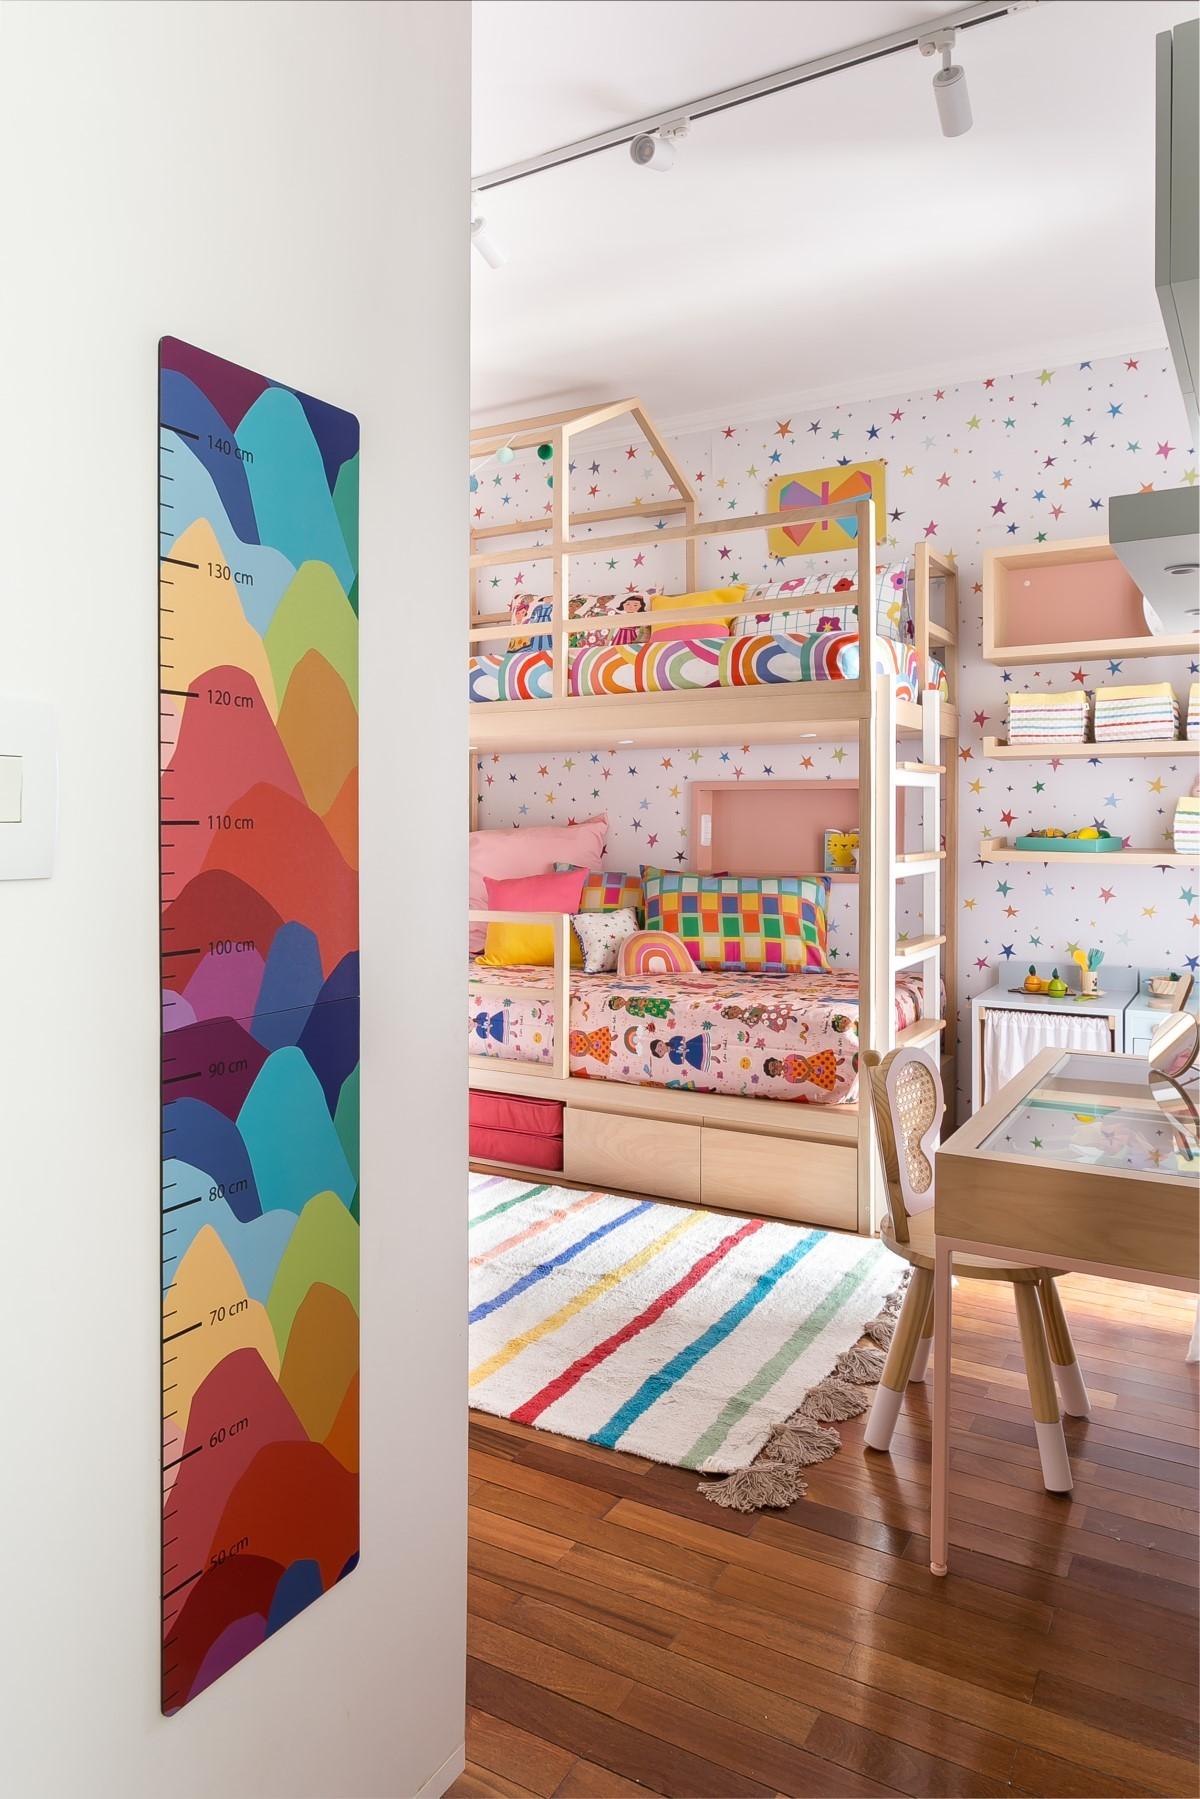 stanza |  All'ingresso della stanza c'è un'asse fissa che misura l'altezza del bambino.  I colori vivaci rendono lo spazio interessante (Foto: Pubblicità/Renata D'Almeida)